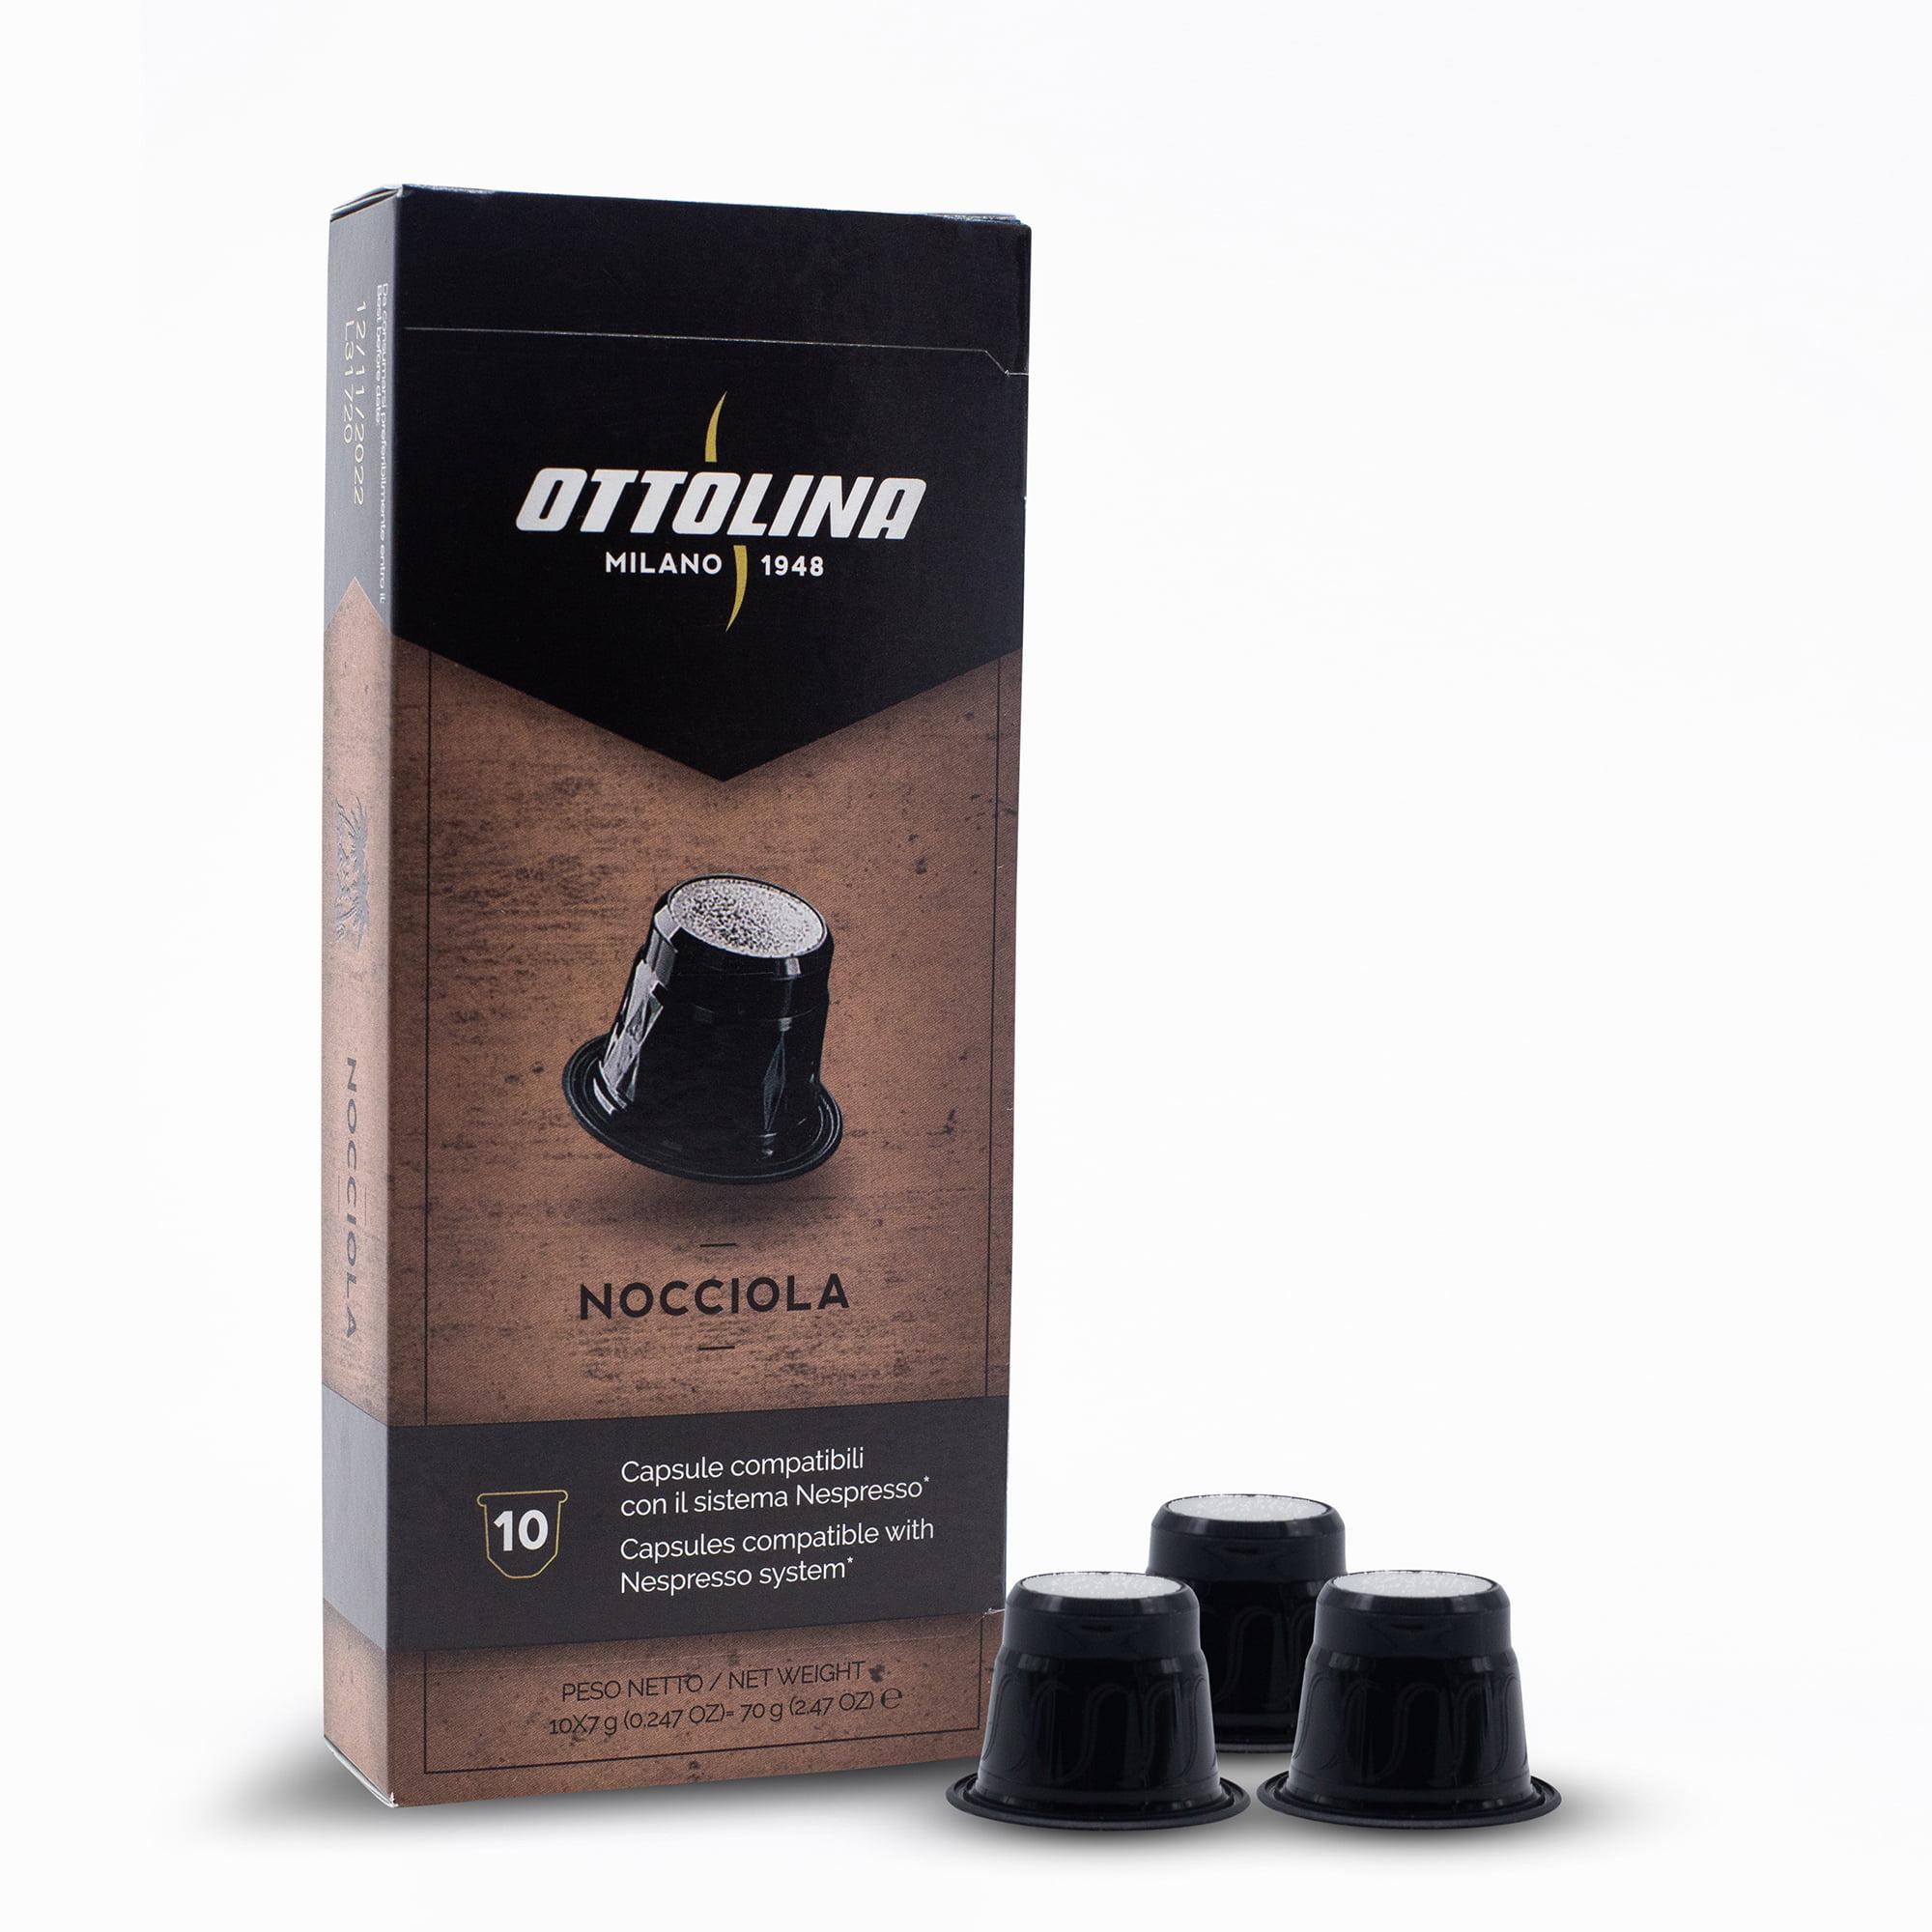 Caffè Ottolina HAZELNOOT espressocupjes (Nespresso compatibel) 10 stuks